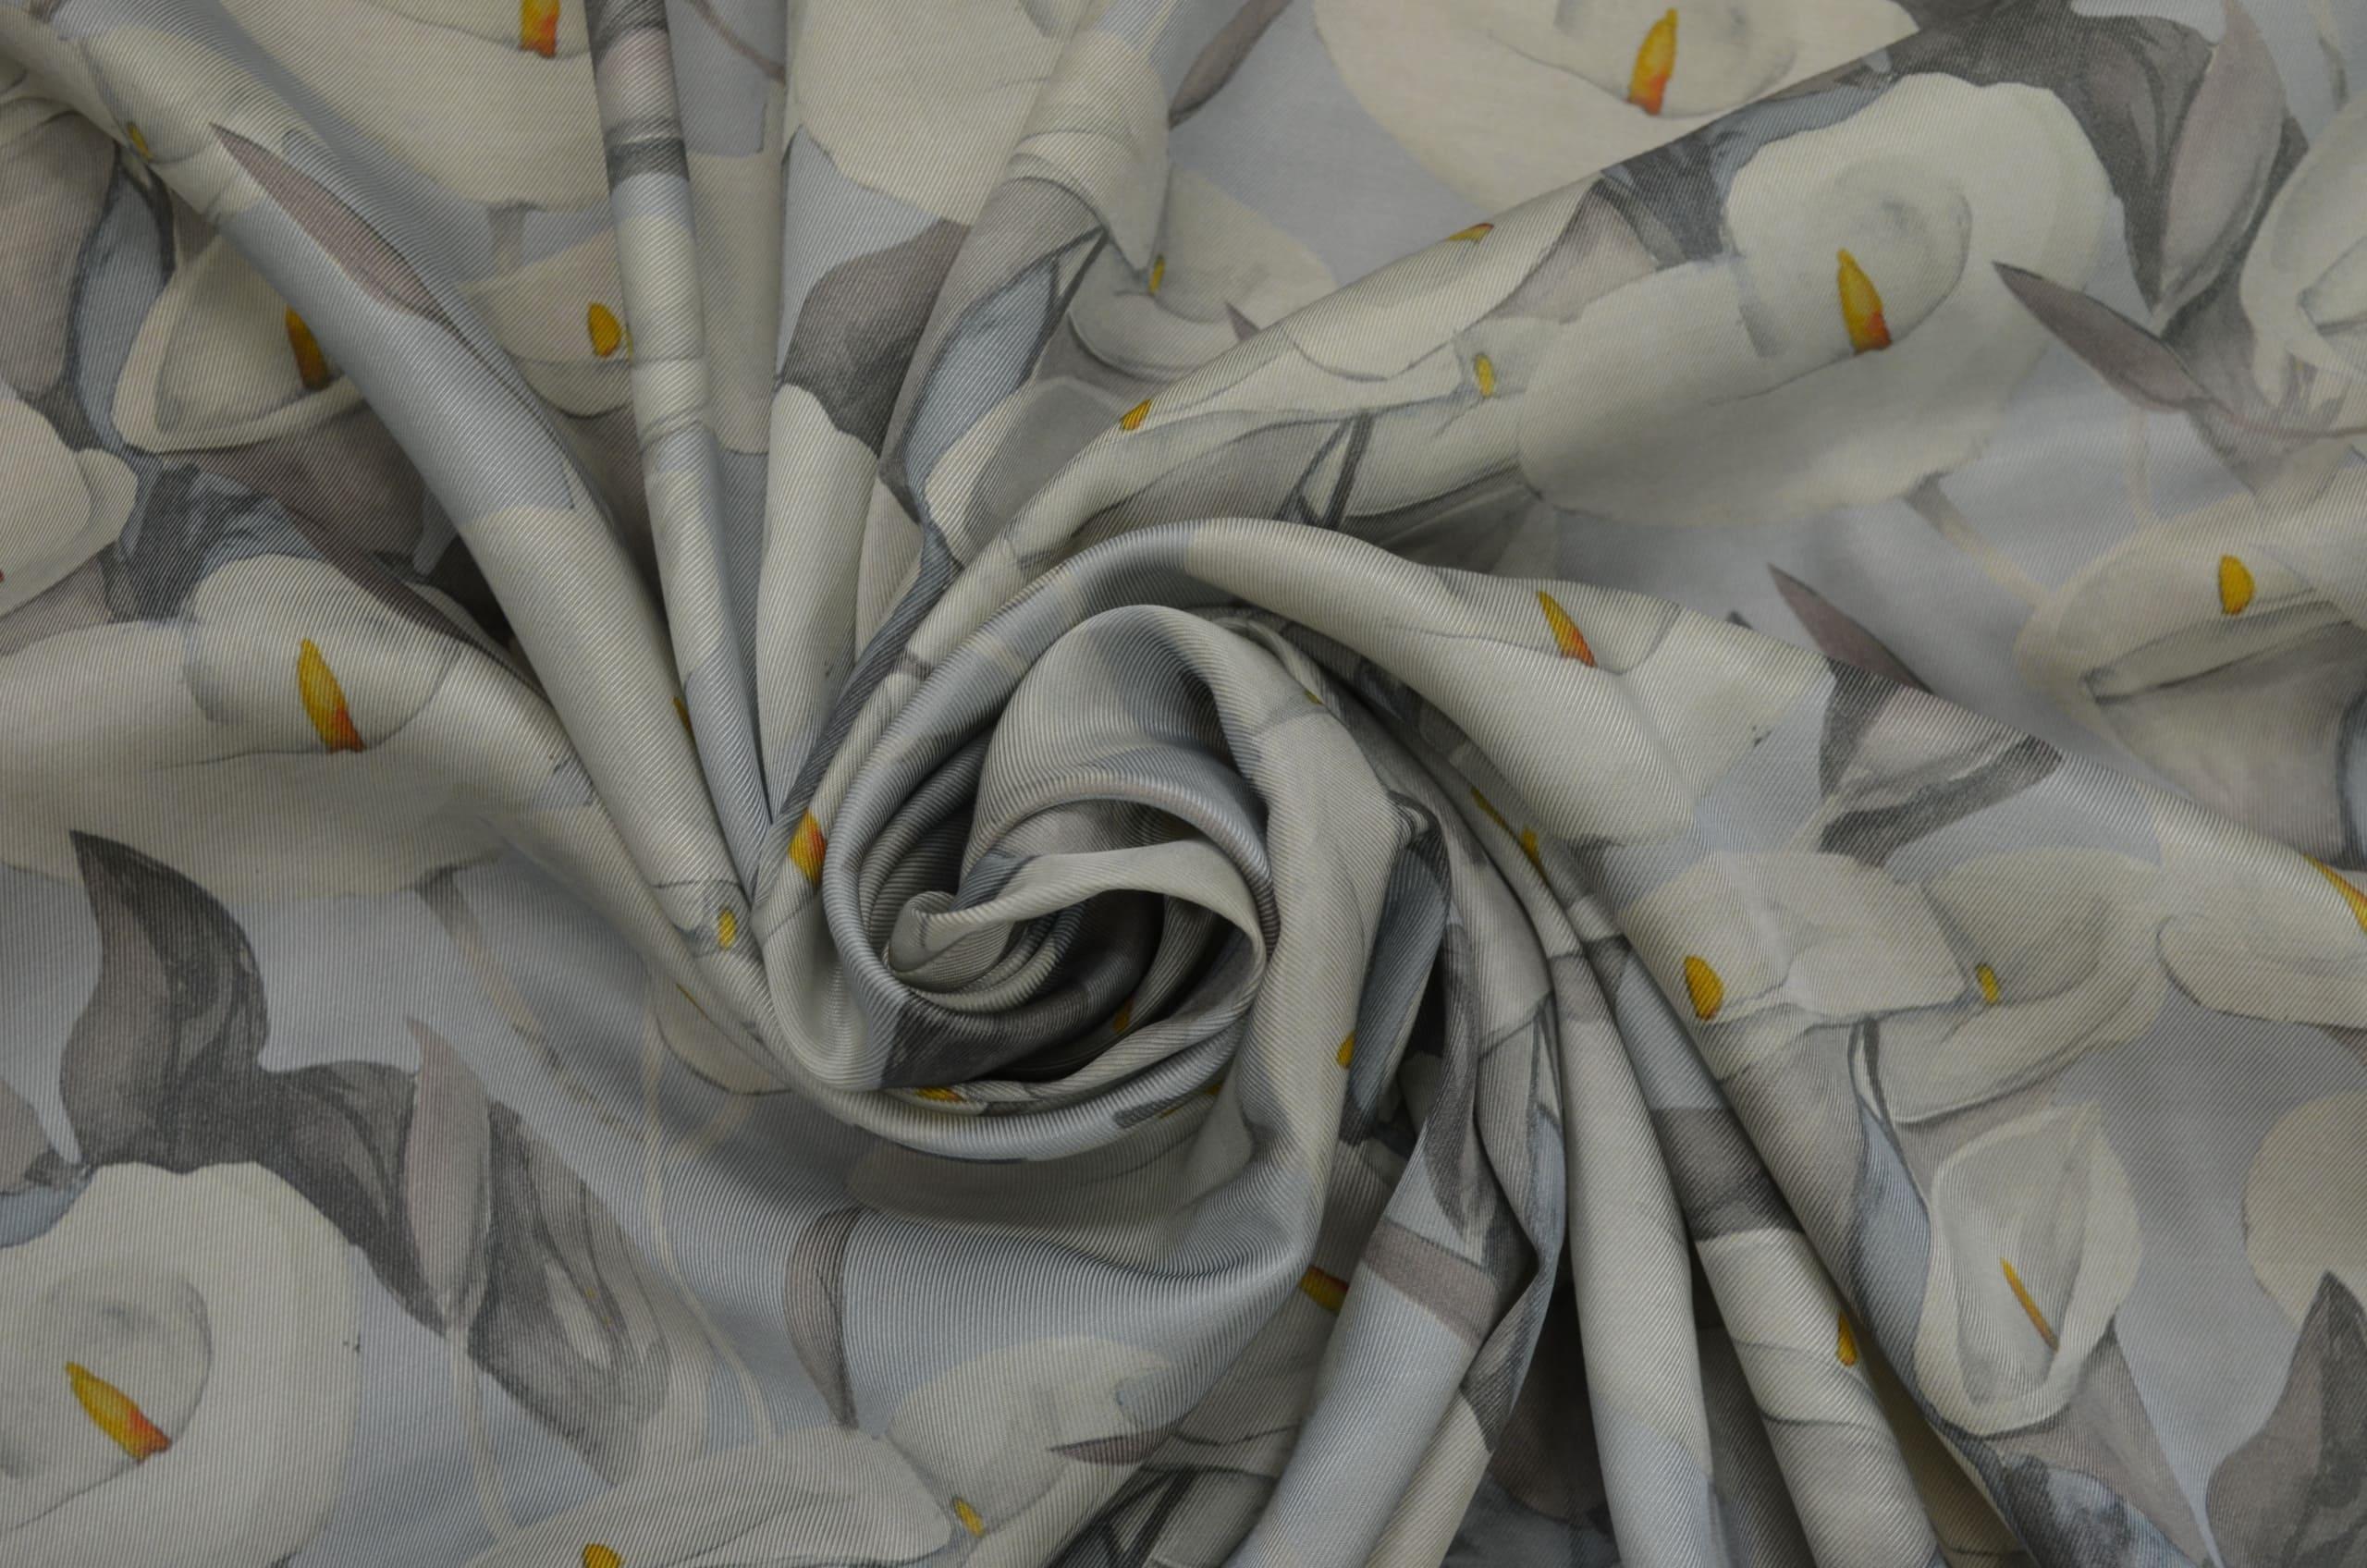 ткани растительного происхождения